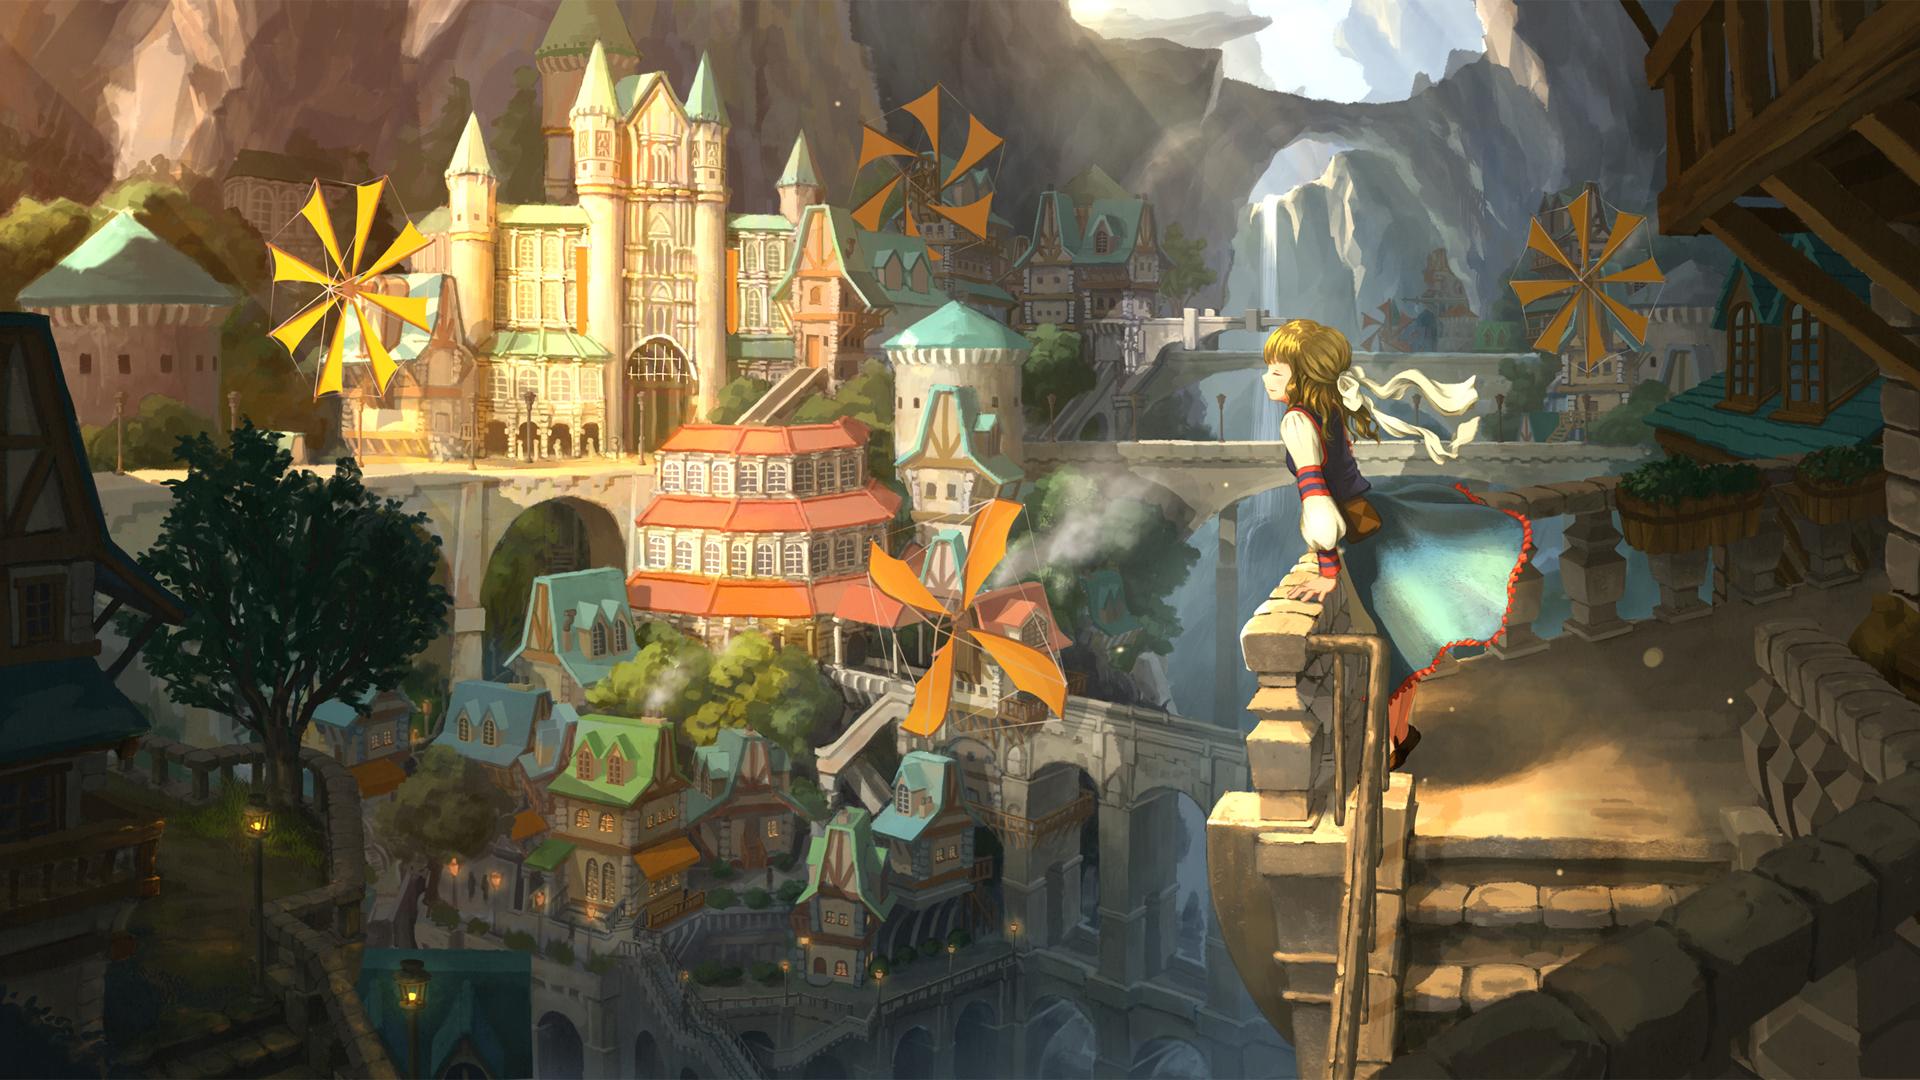 峡谷都市 奇幻风景 城堡 女孩 动漫风景壁纸-动漫壁纸